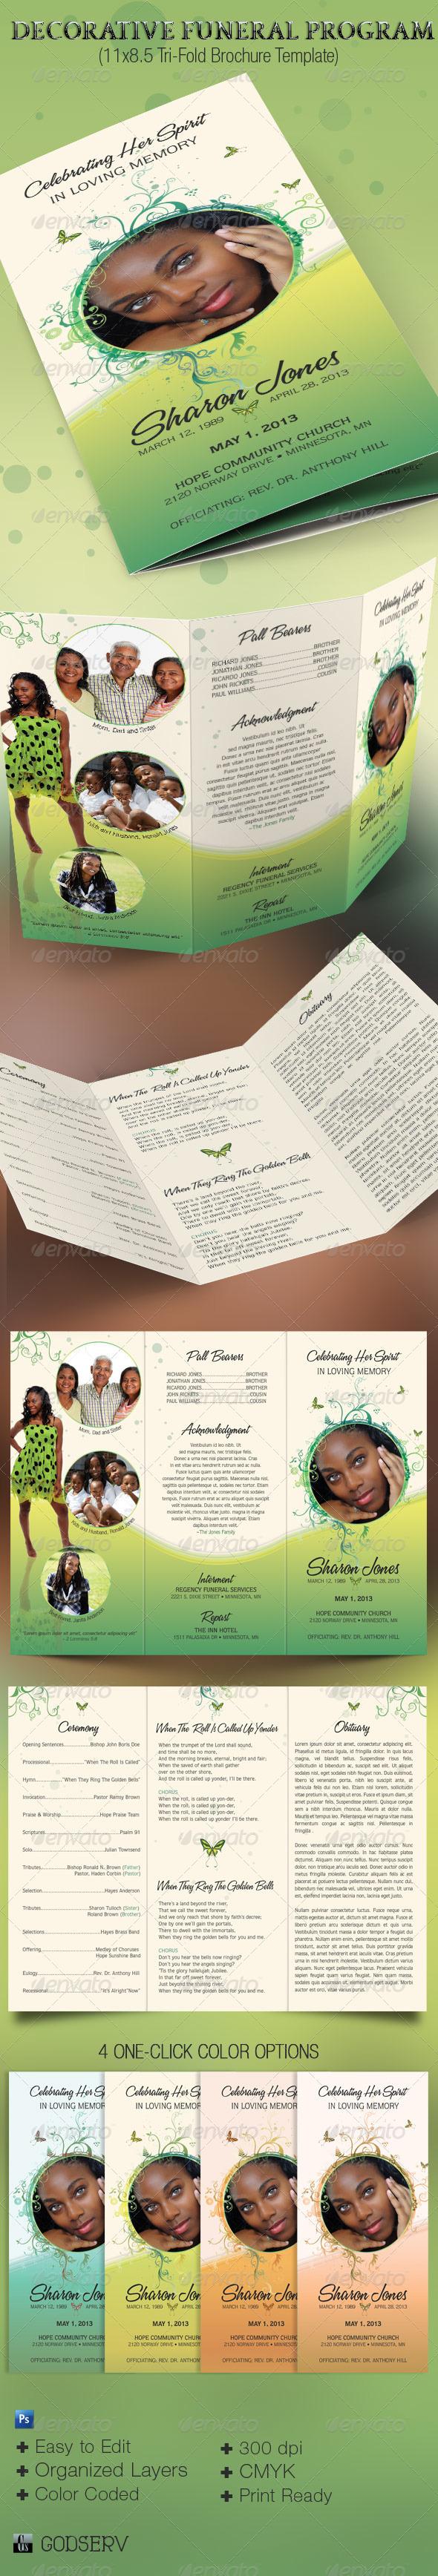 GraphicRiver Decorative Tri-Fold Funeral Program 4029124